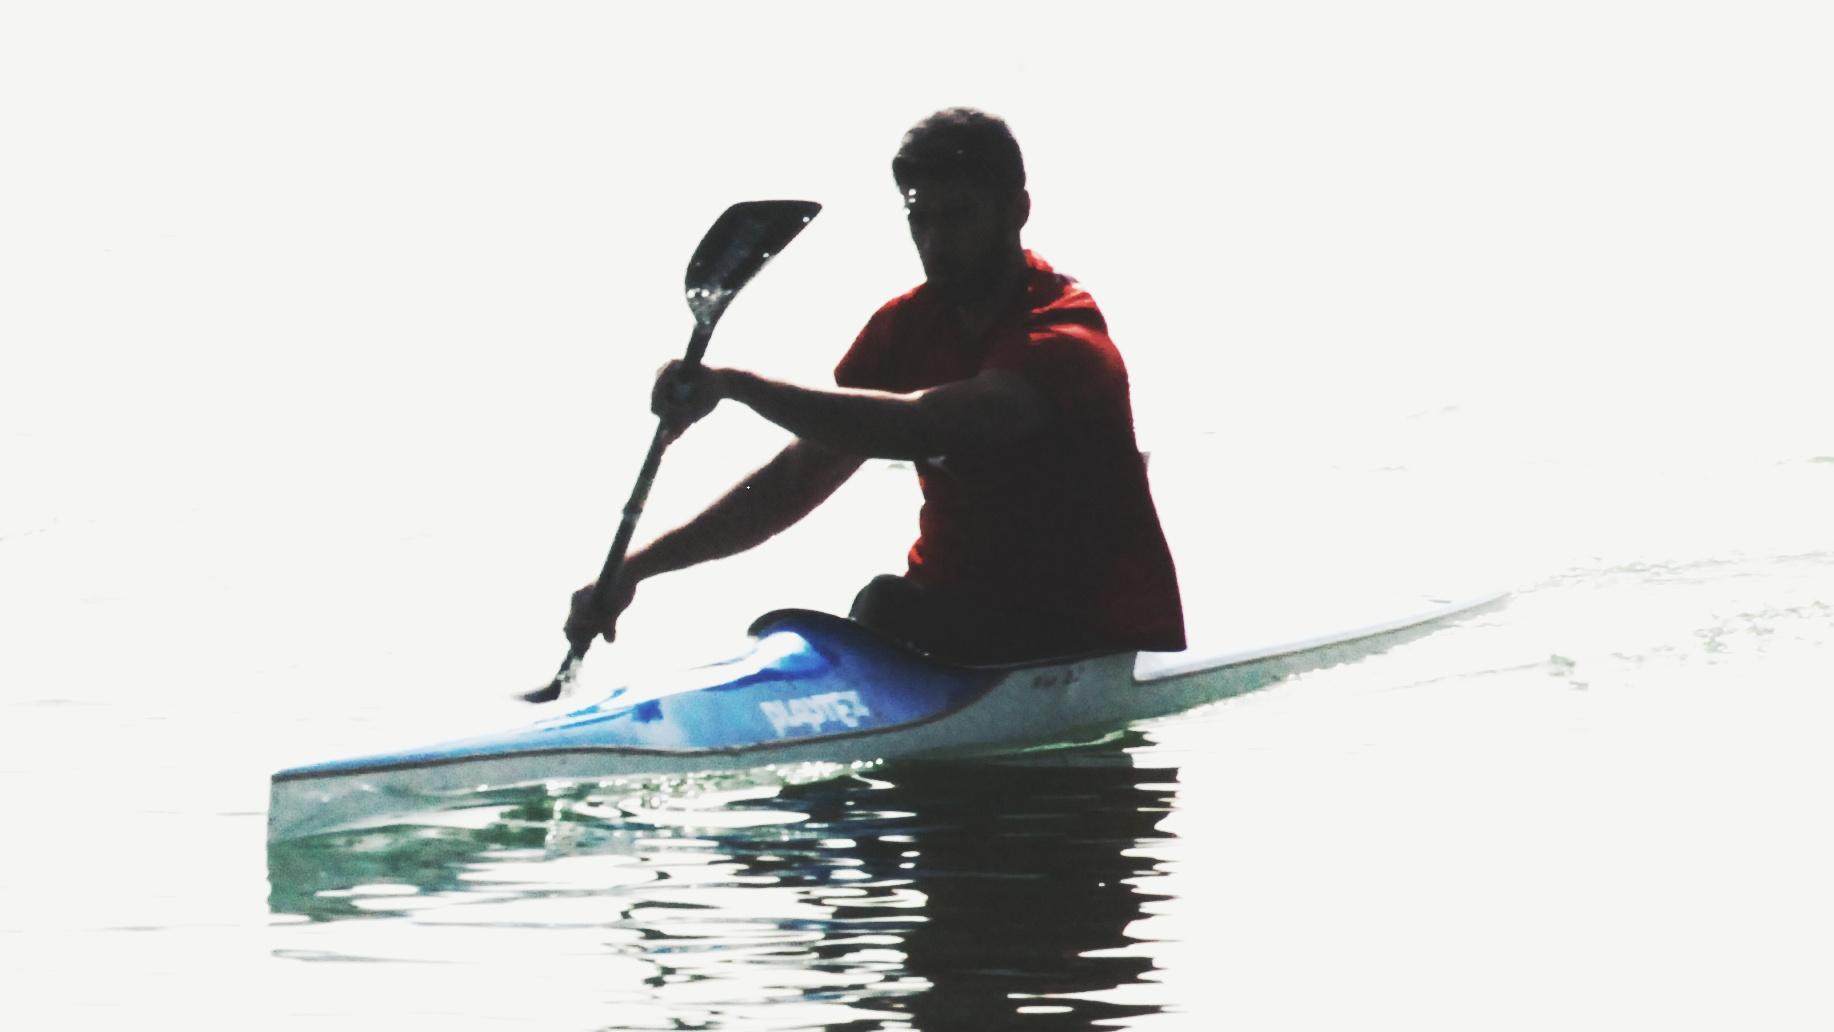 دریاچه آزادی میزبان ملی پوشان کایاک زیر 23 سال و جوانان